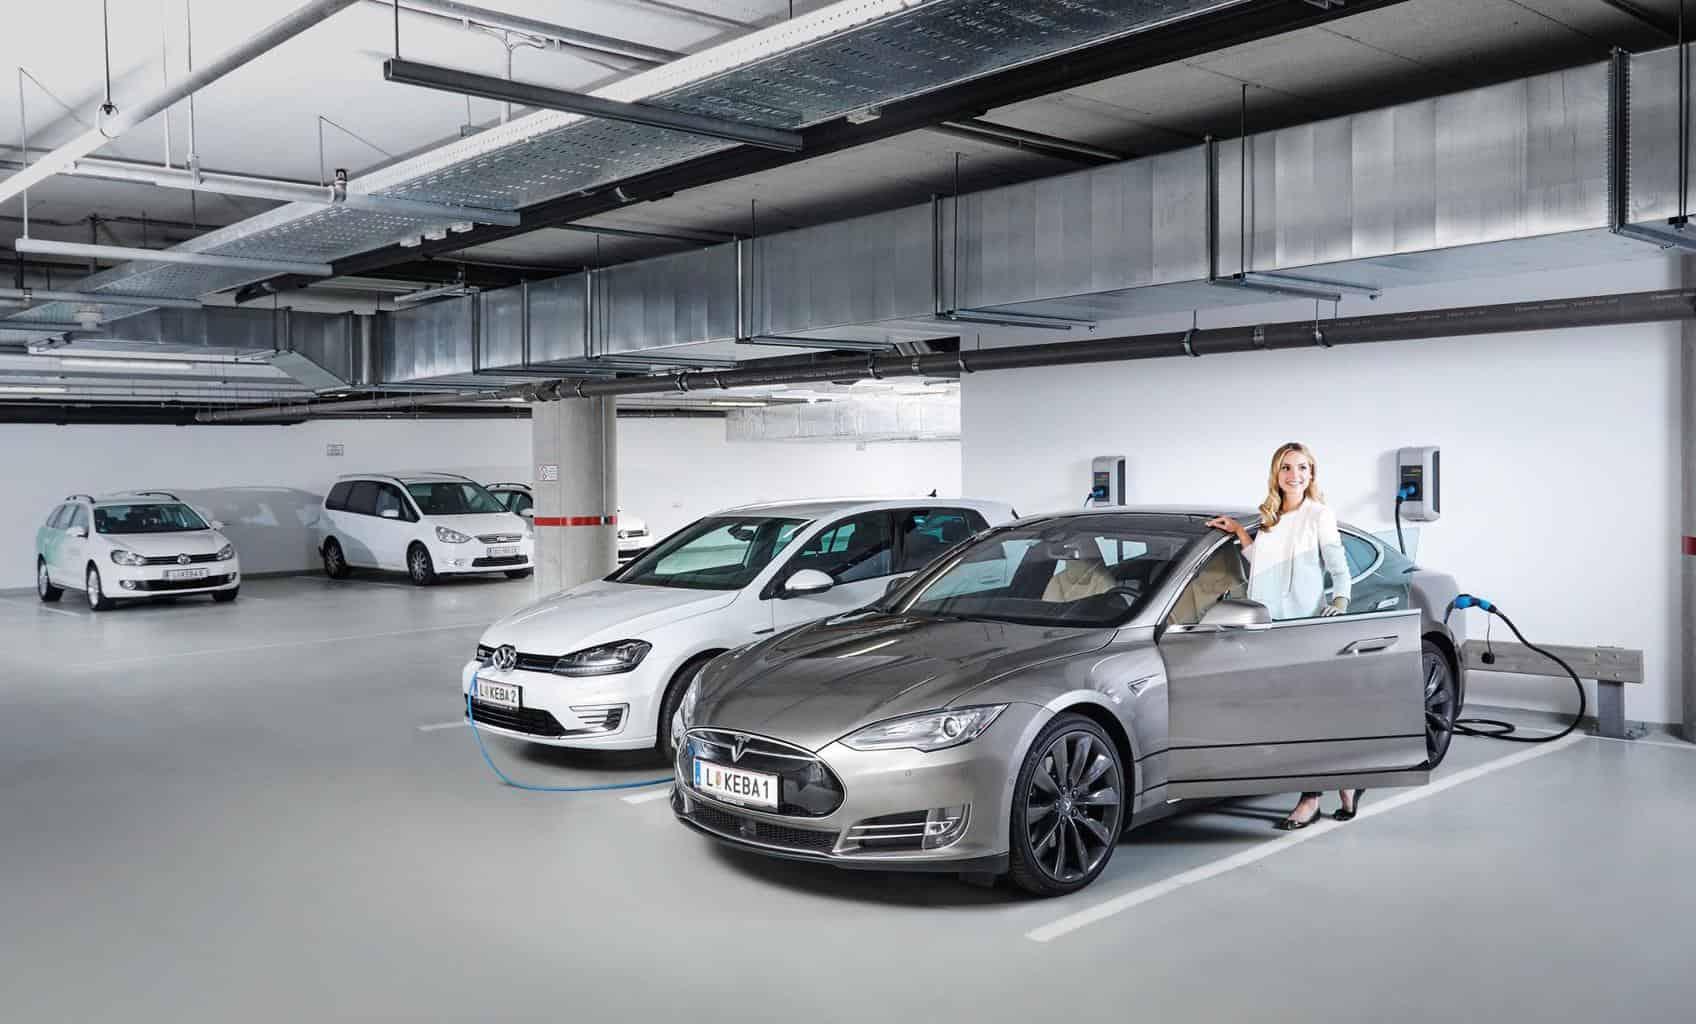 """Projekt """"Urcharge"""" simuliert E-Auto-Anteil von 50 Prozent im Alltag"""